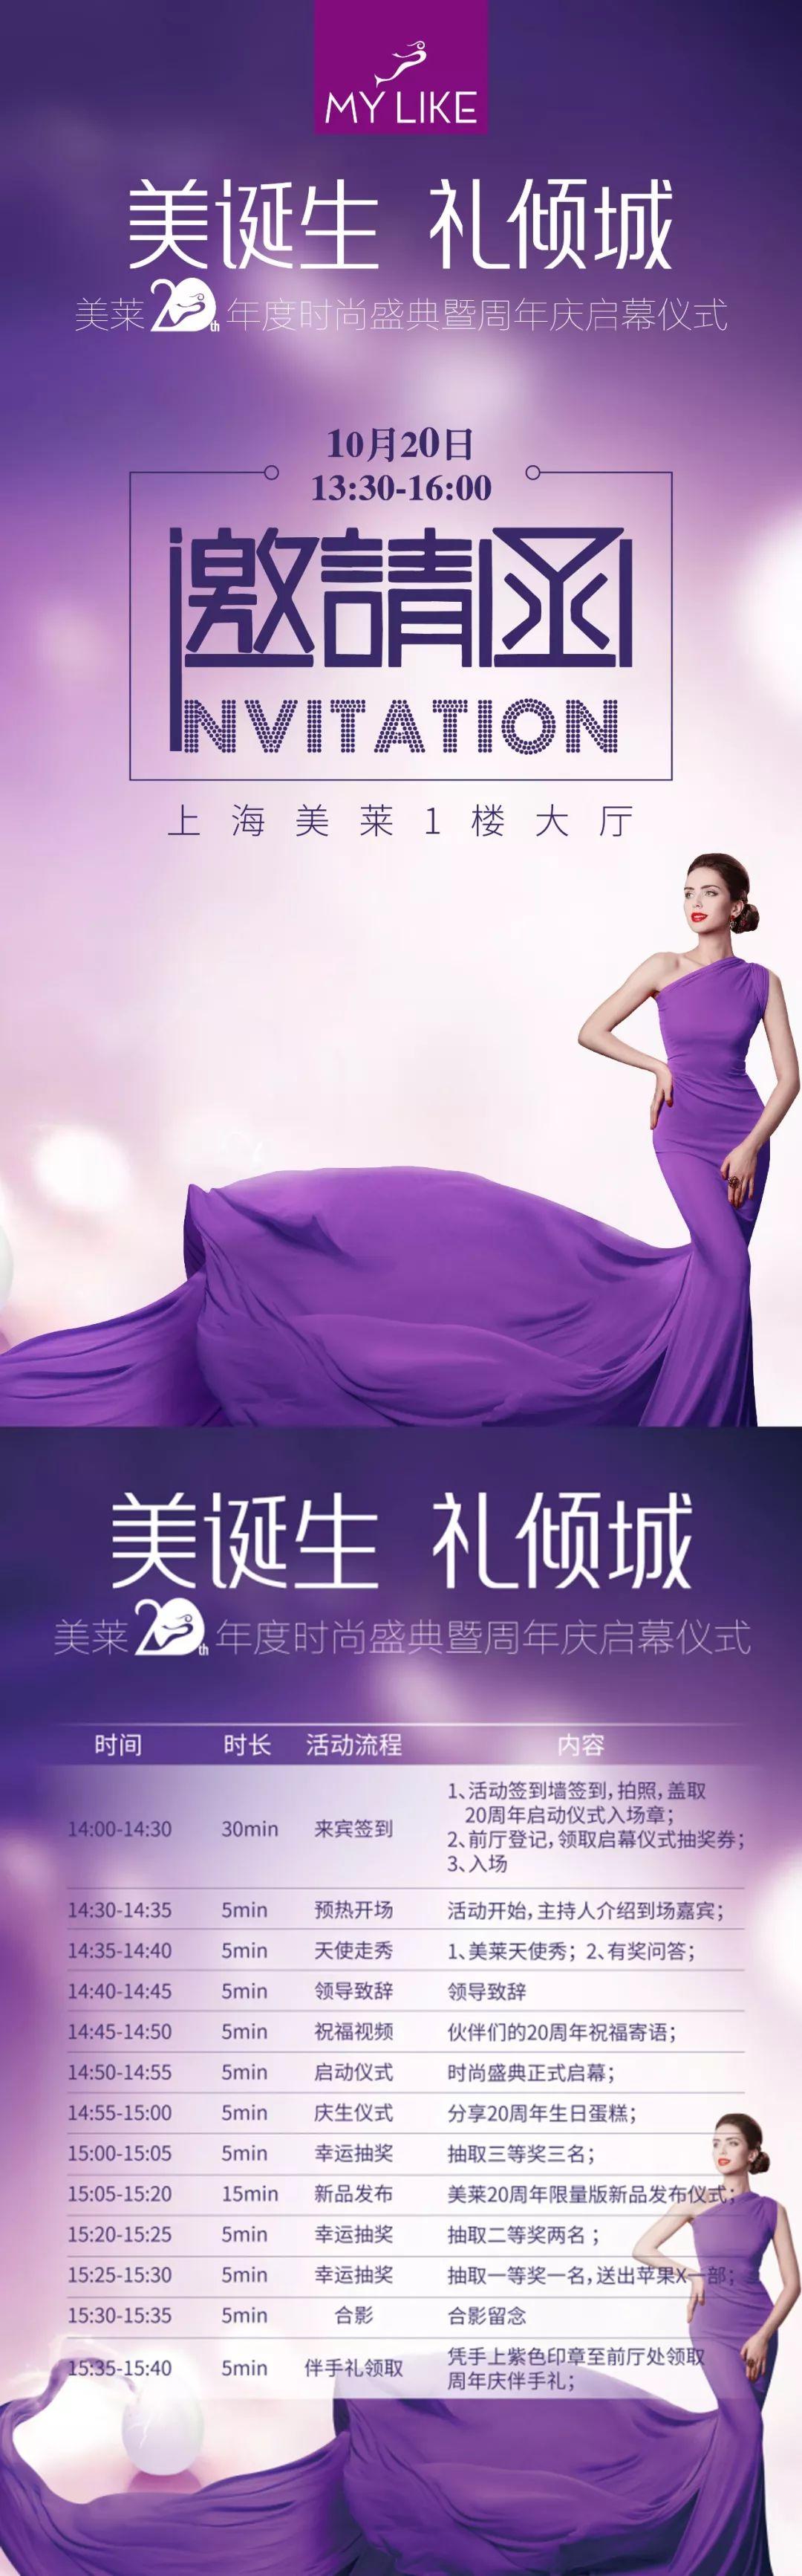 上海美莱20年周年庆